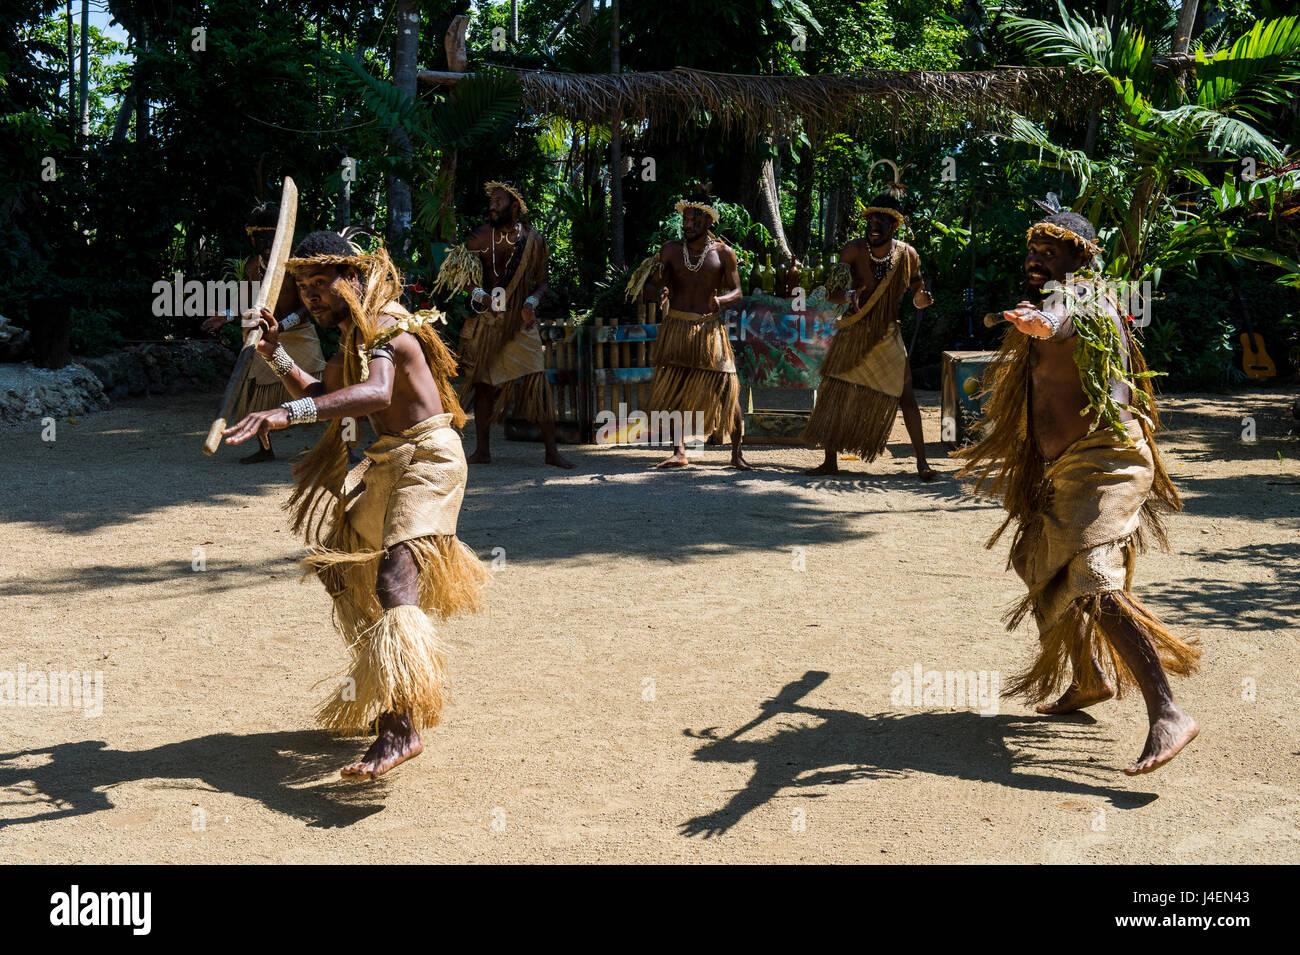 Ekasup Cultural Village, Efate, Vanuatu, Pacific - Stock Image